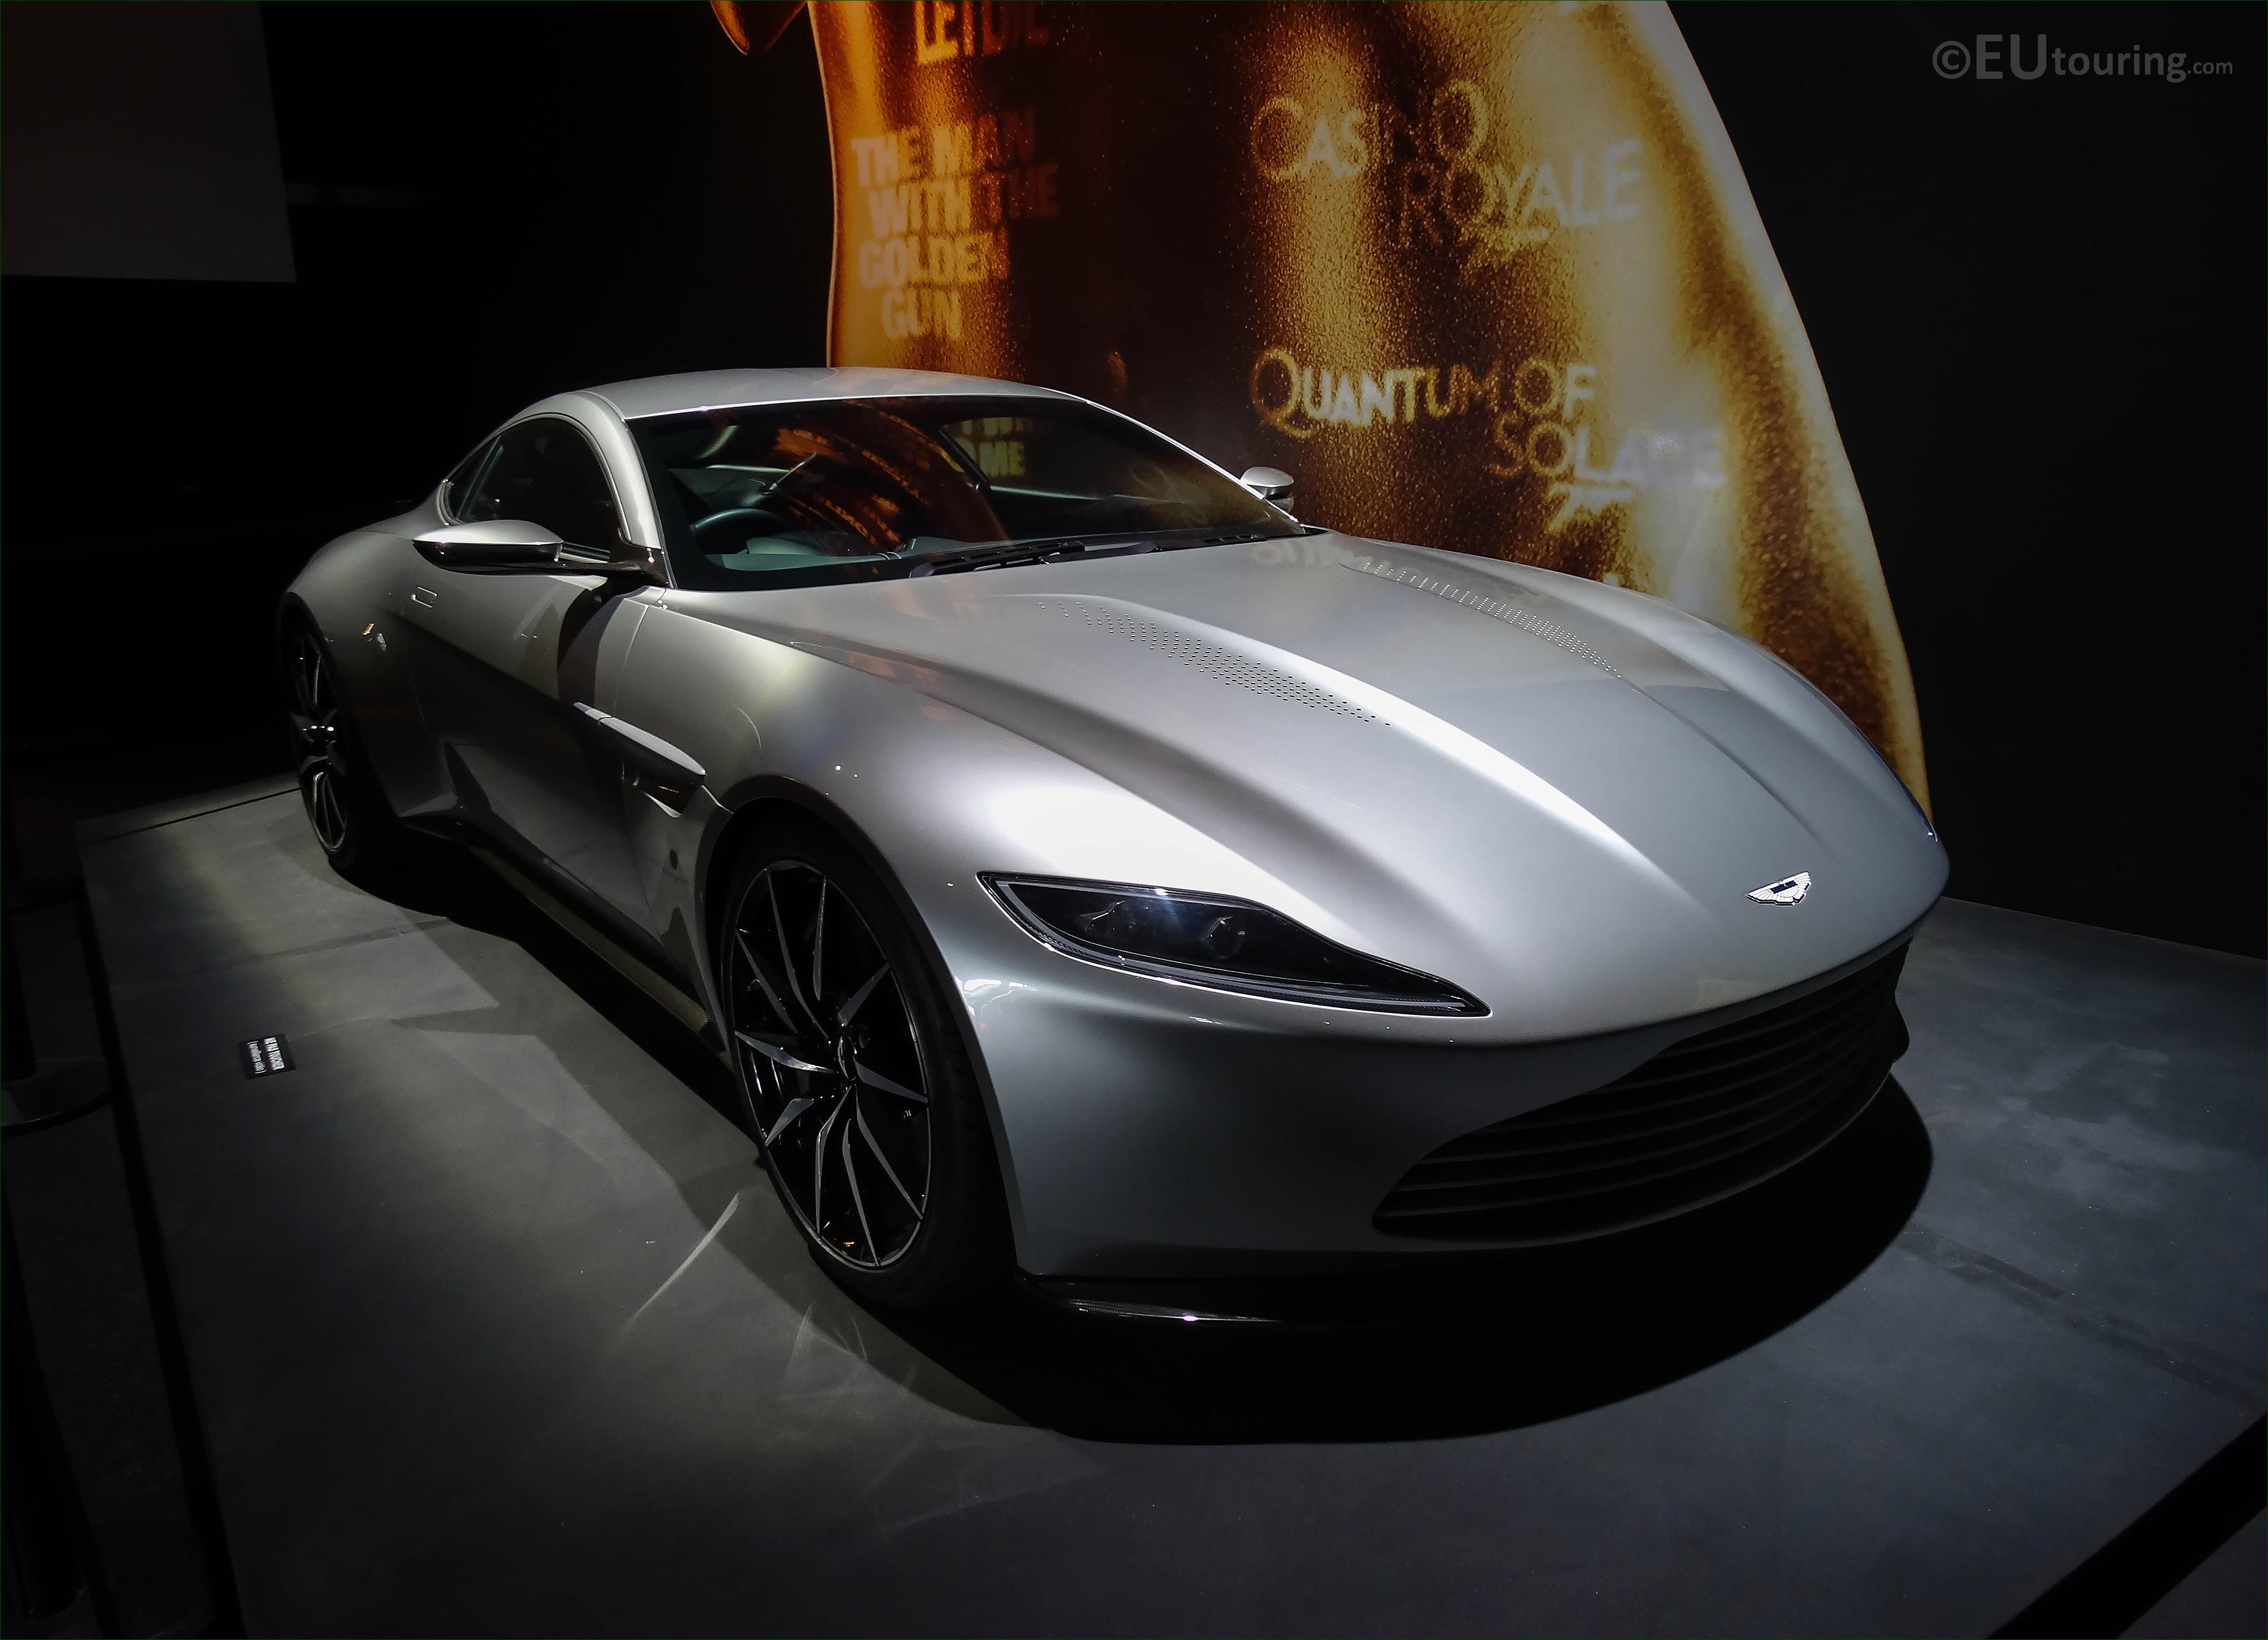 s of the James Bond 007 Paris Exhibition 2016